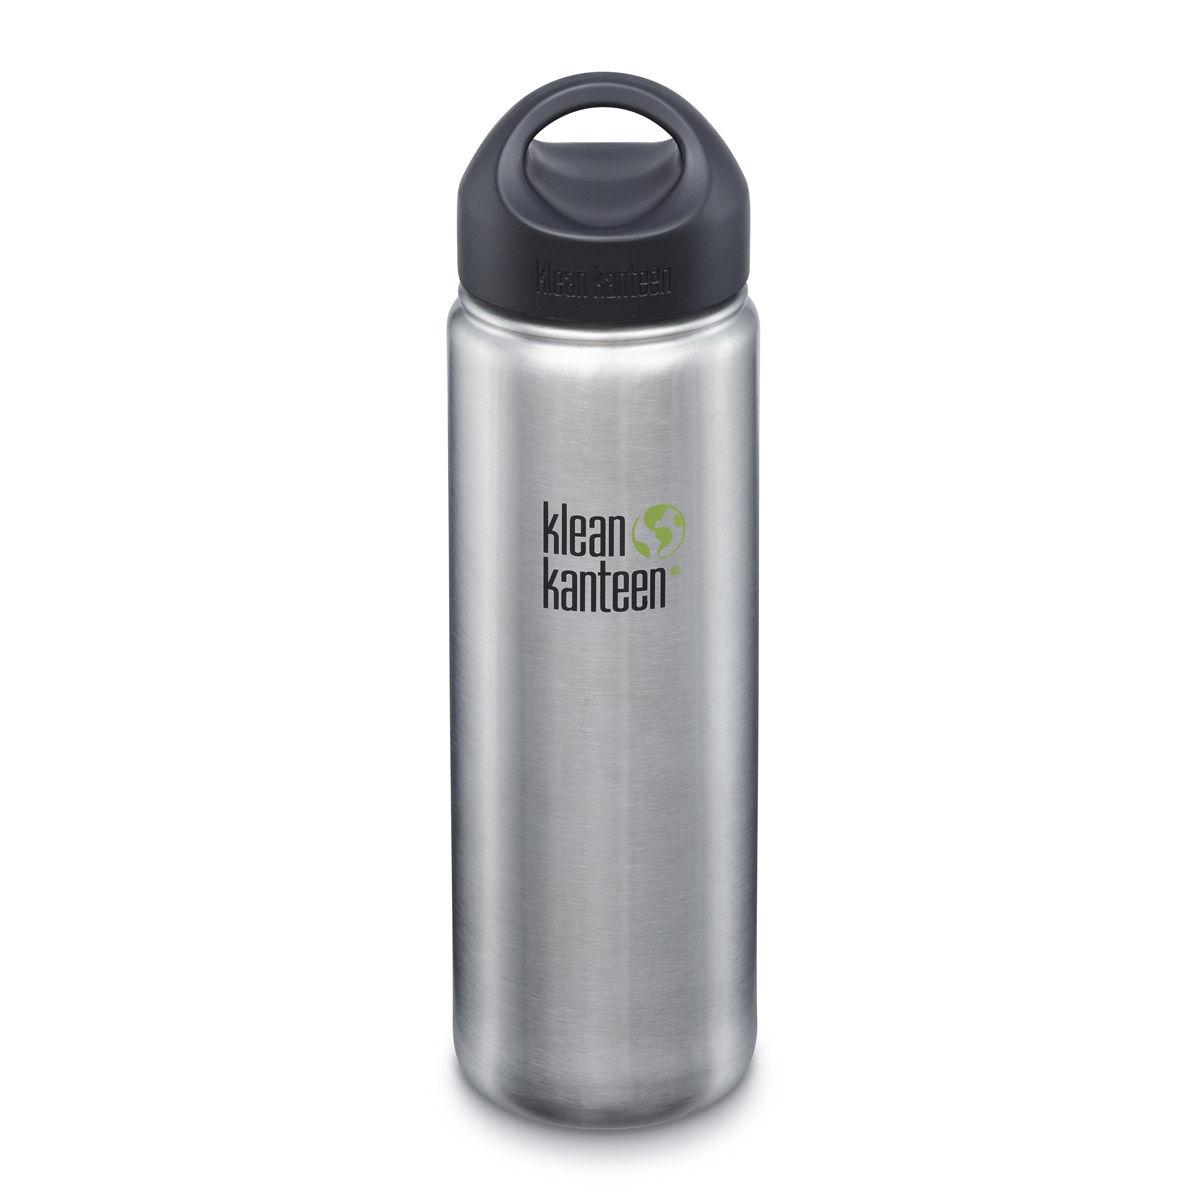 Klean Kanteen Wide Stainless Steel Water Bottle - 800 ml